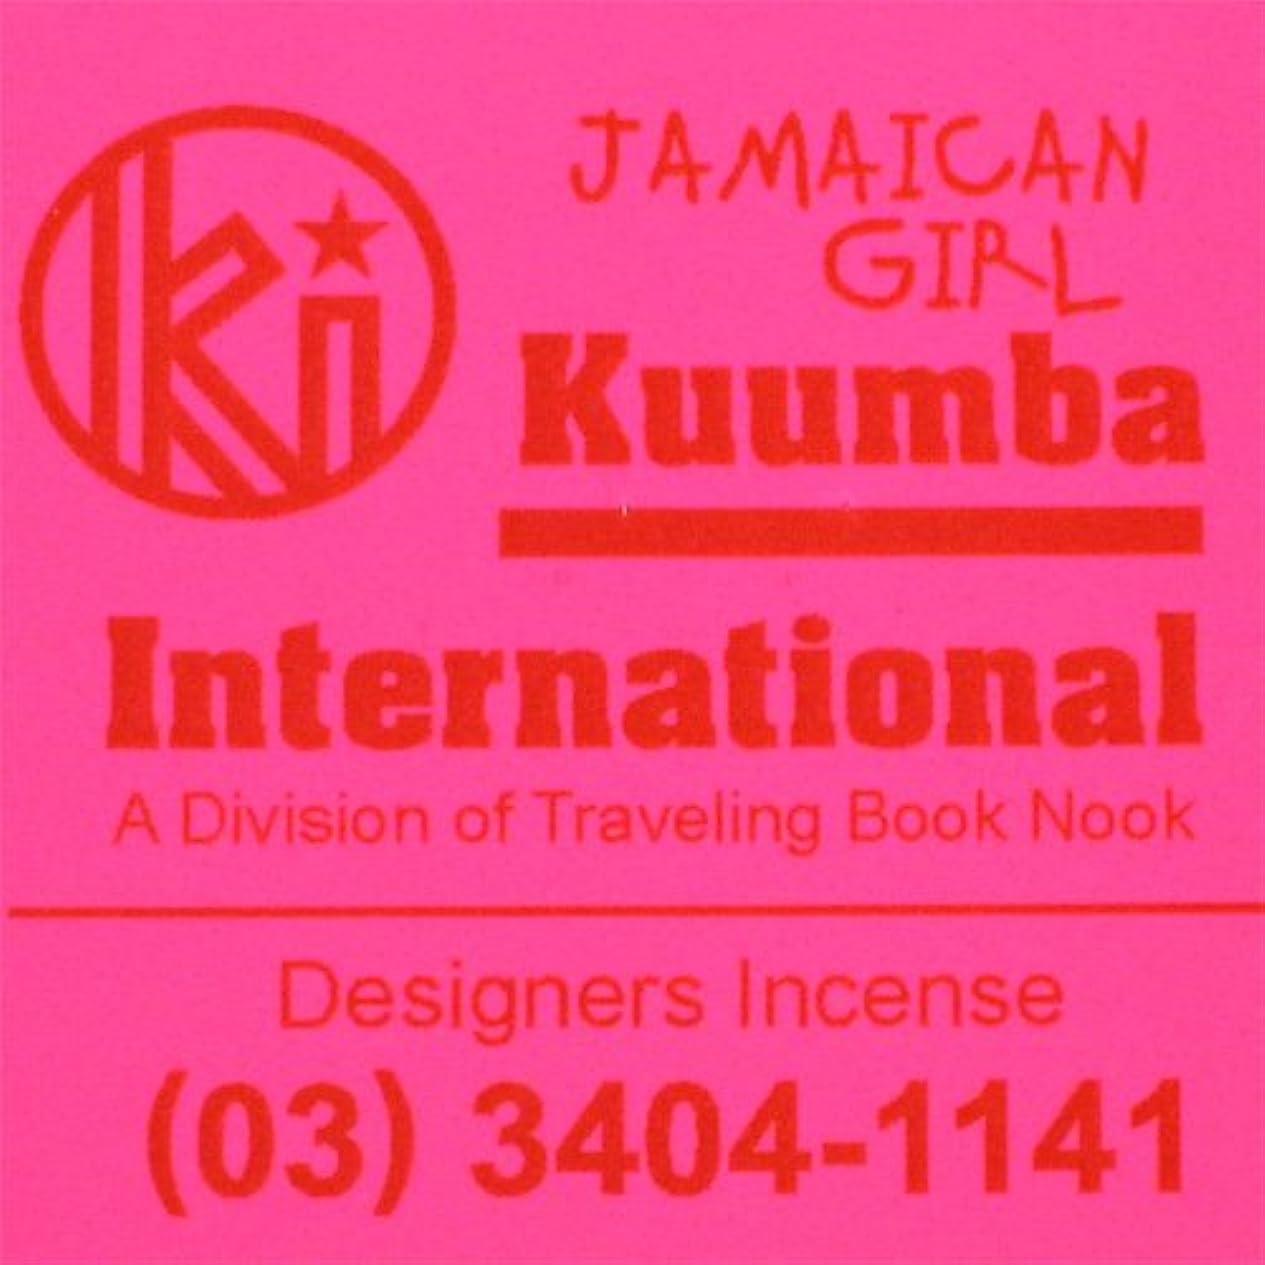 空いている帽子出血KUUMBA / クンバ『incense』(JAMAICAN GIRL) (Regular size)